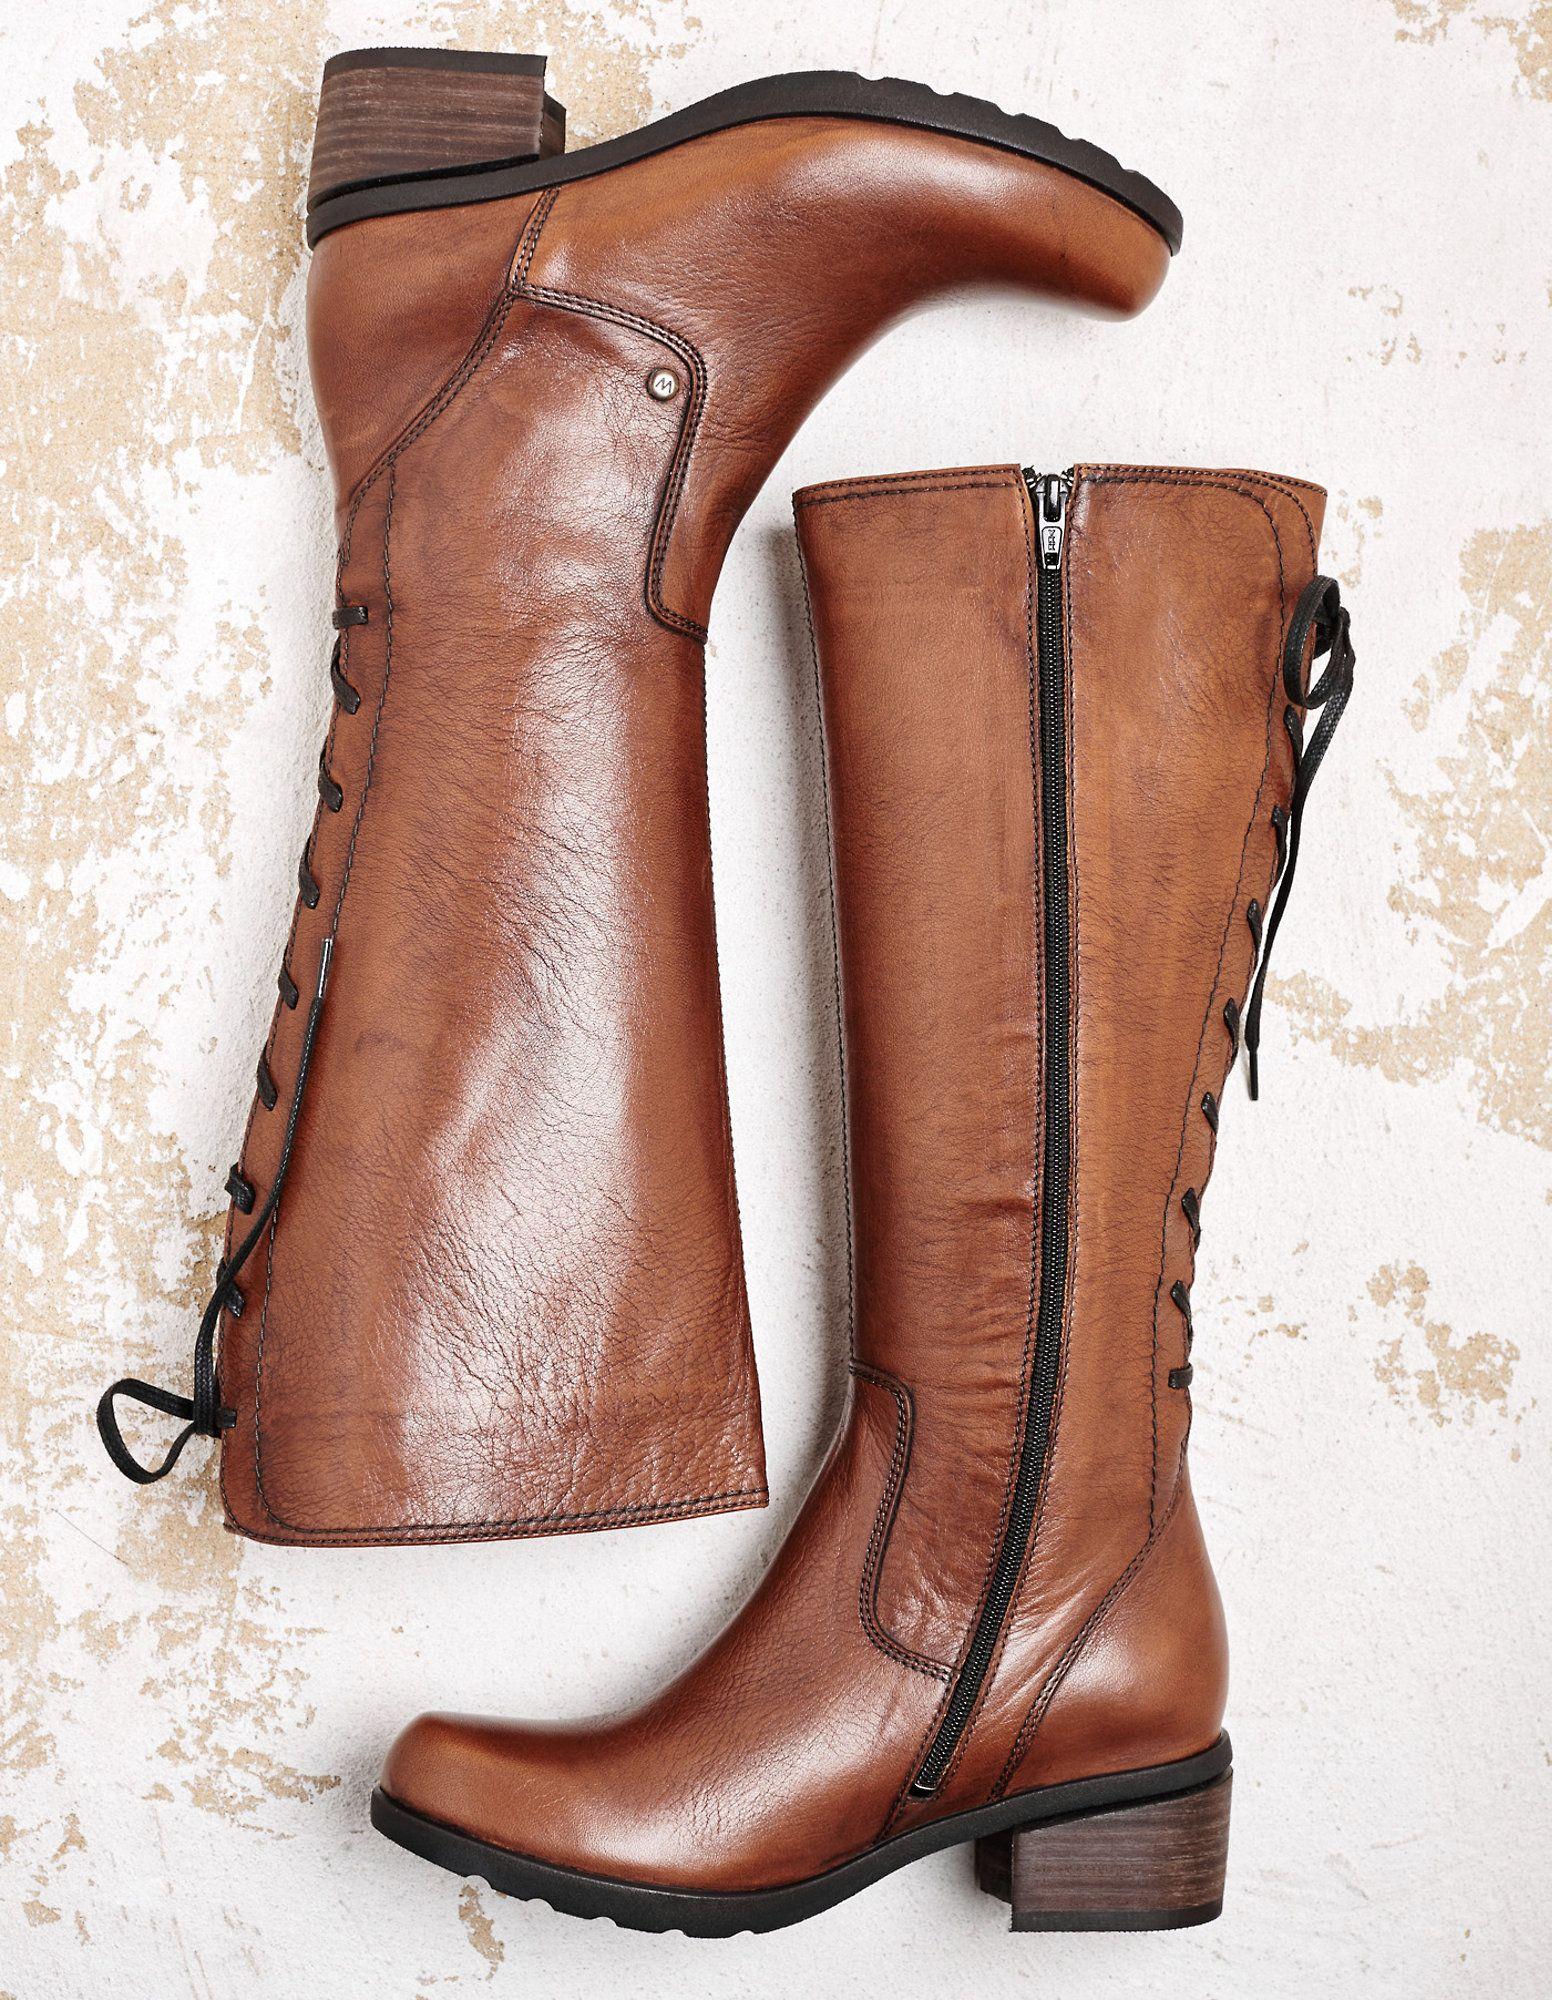 Elegante und zeitlos klassische Stiefel aus hochwertigem